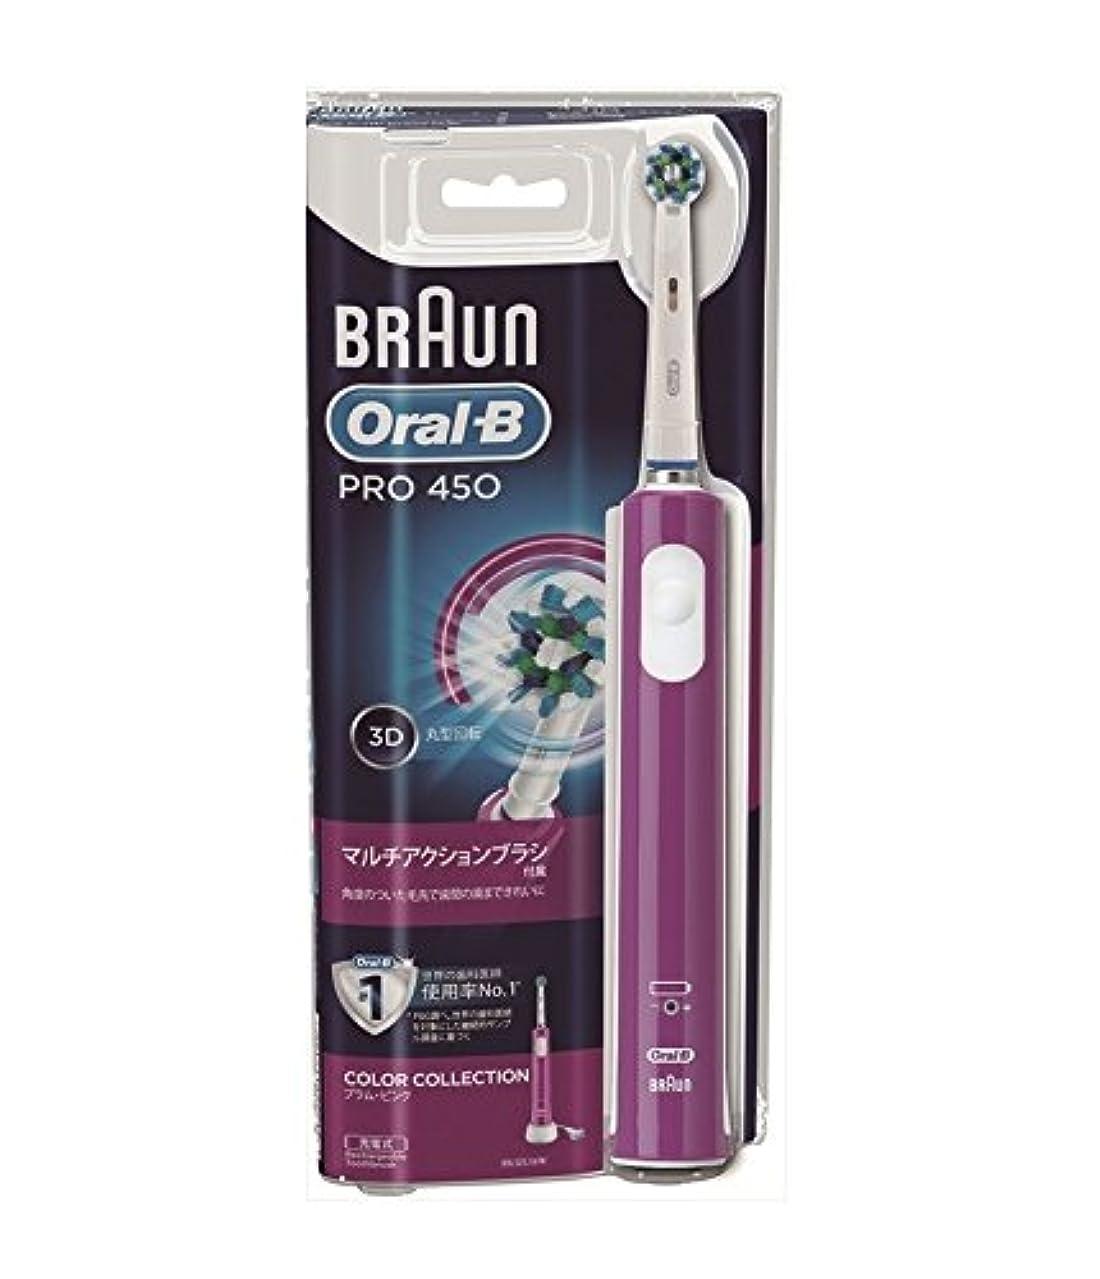 クローン西部大臣ブラウン オーラルB 電動歯ブラシ PRO450 プラムピンク